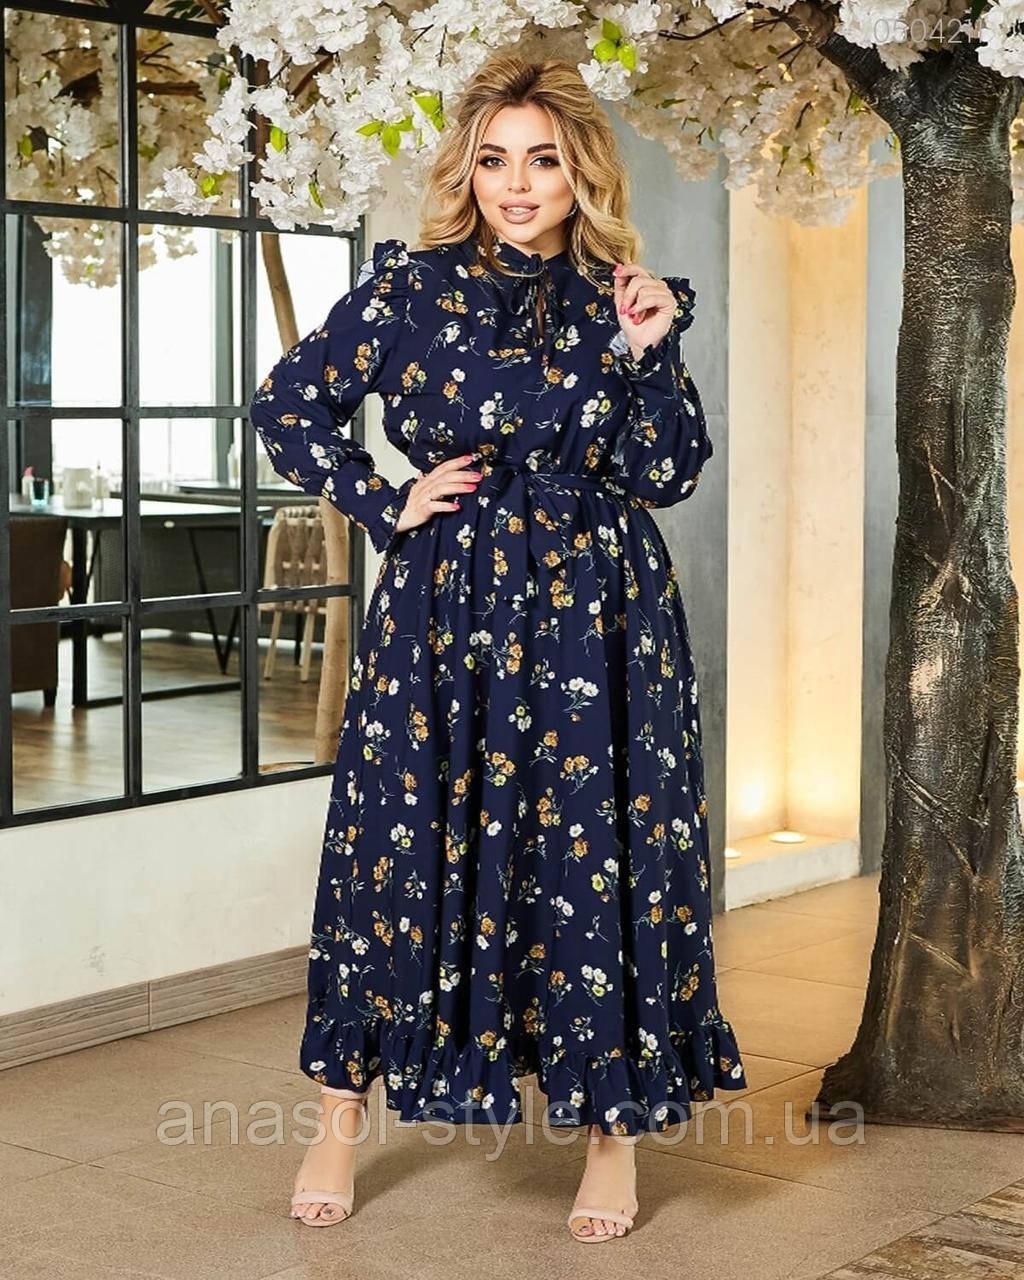 Эффектное длинное платье Сейбл большого размера с рюшками синий